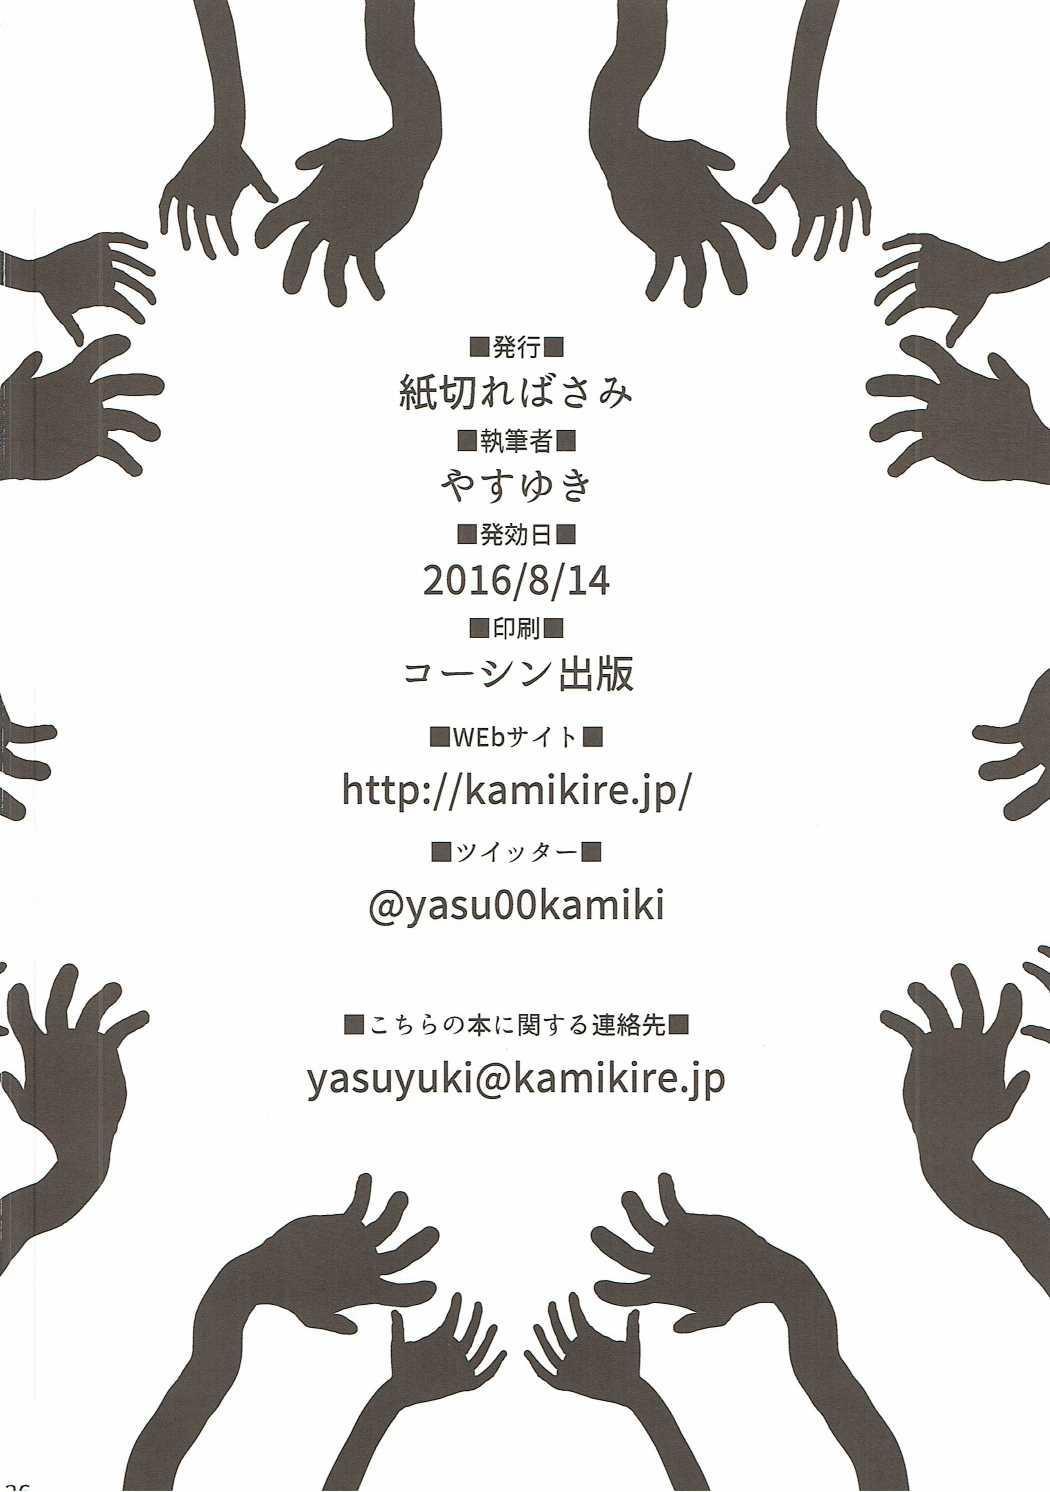 Re: Zero kara Hajimeru Isekai Icha Love Kekkon Seikatsu 24